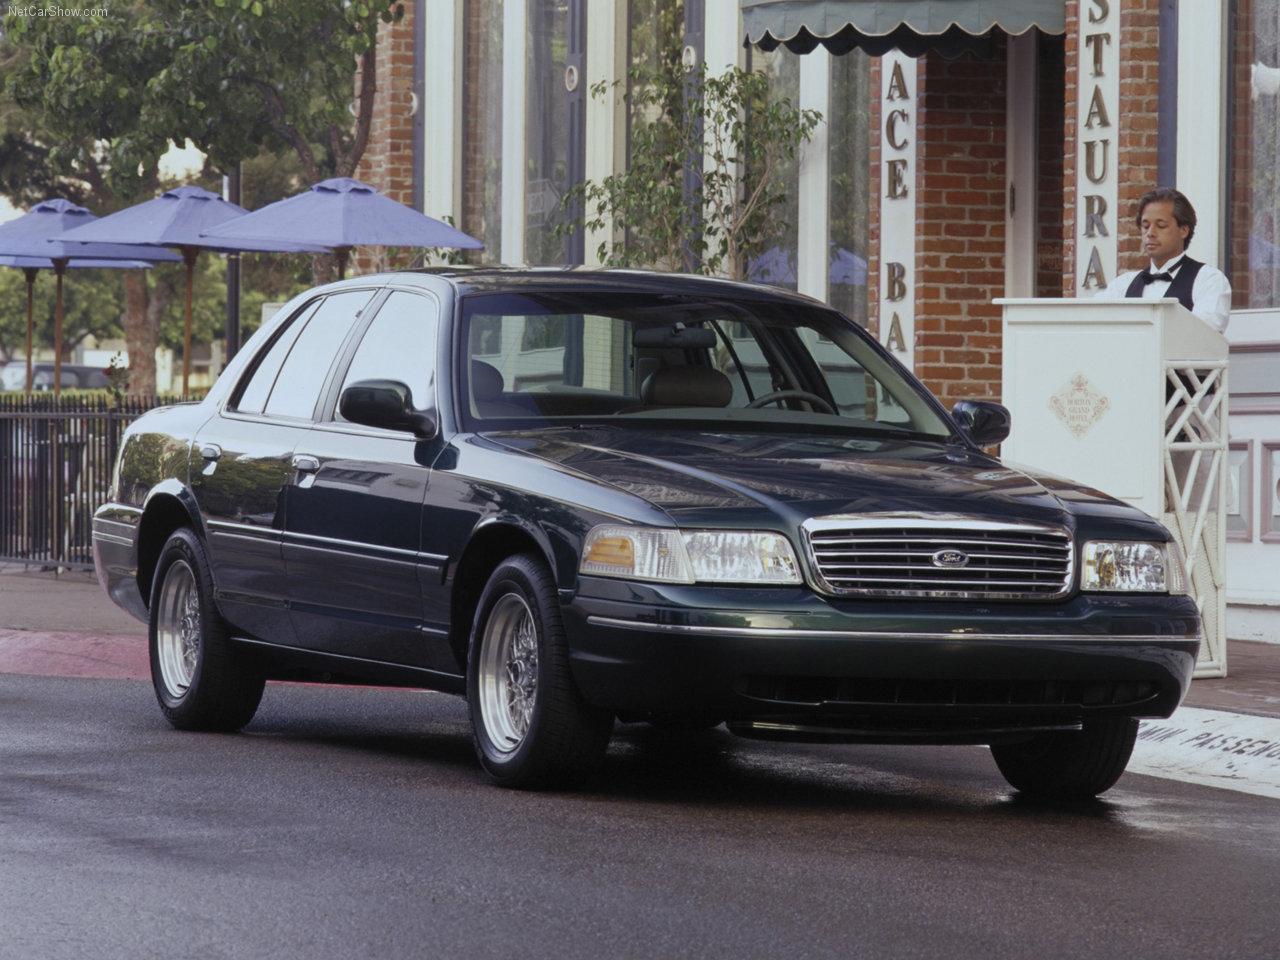 El Ford Crown Victoria se convirtió en un modelo icónico de la marca